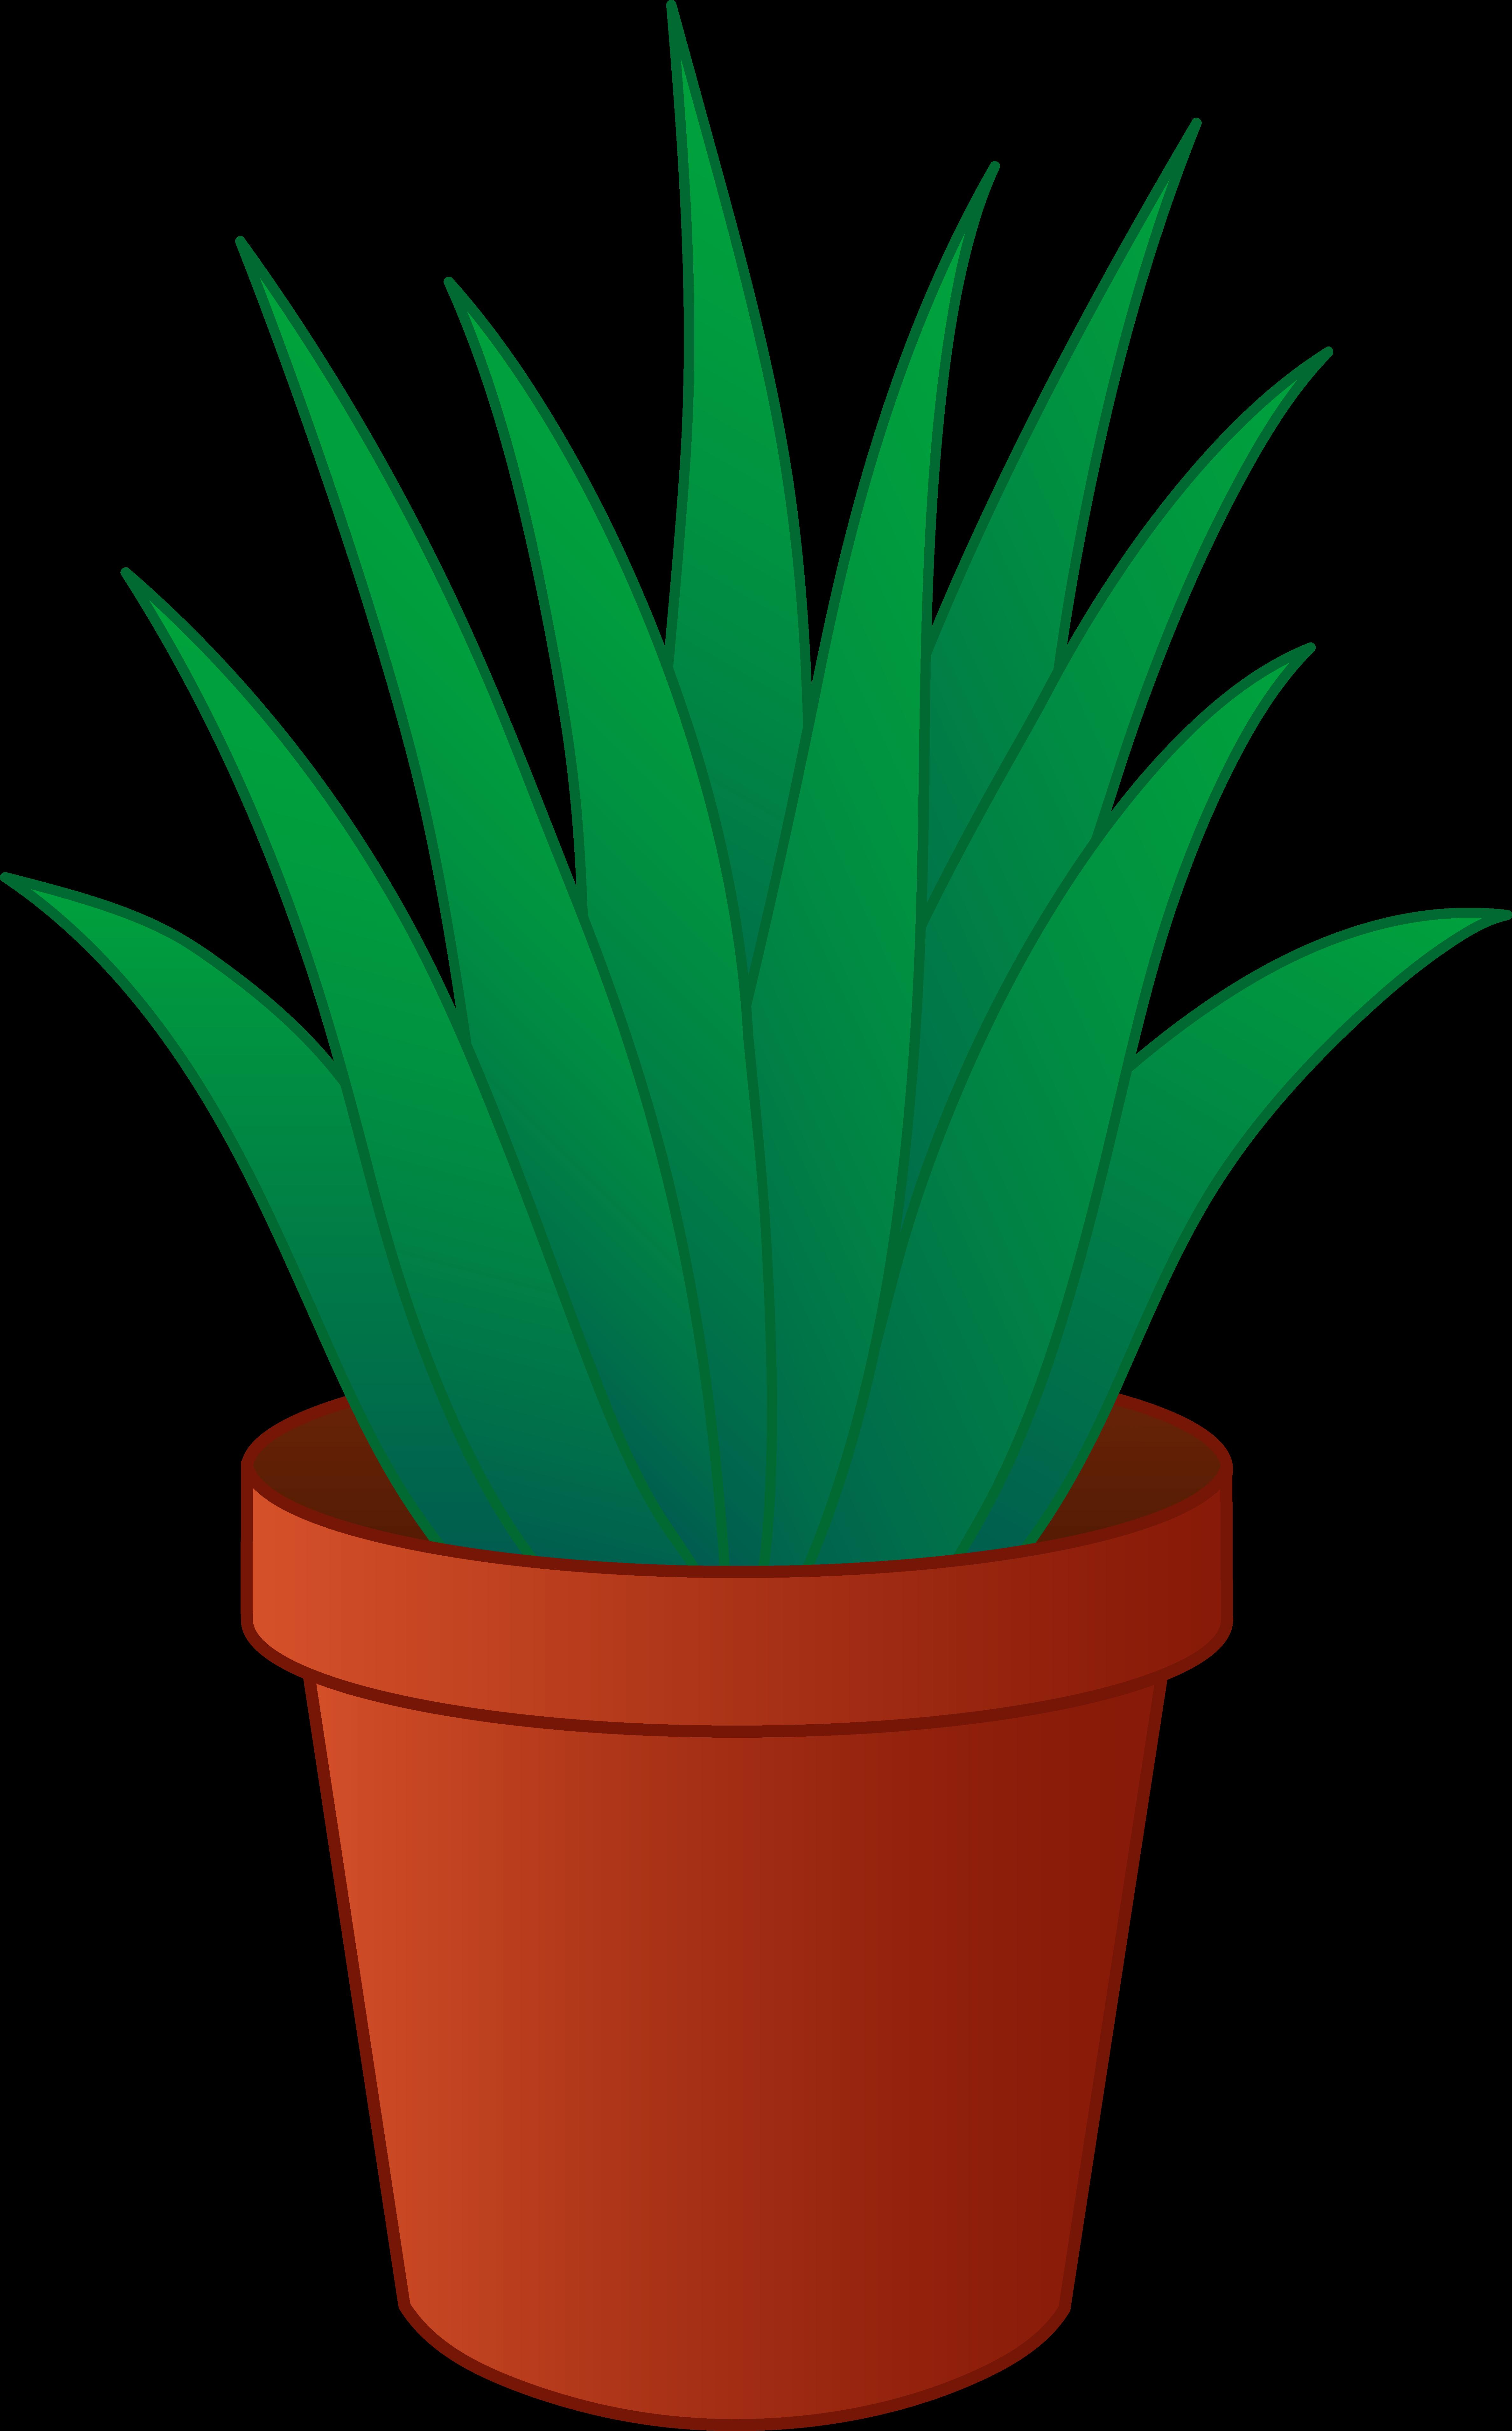 House plants clipart.